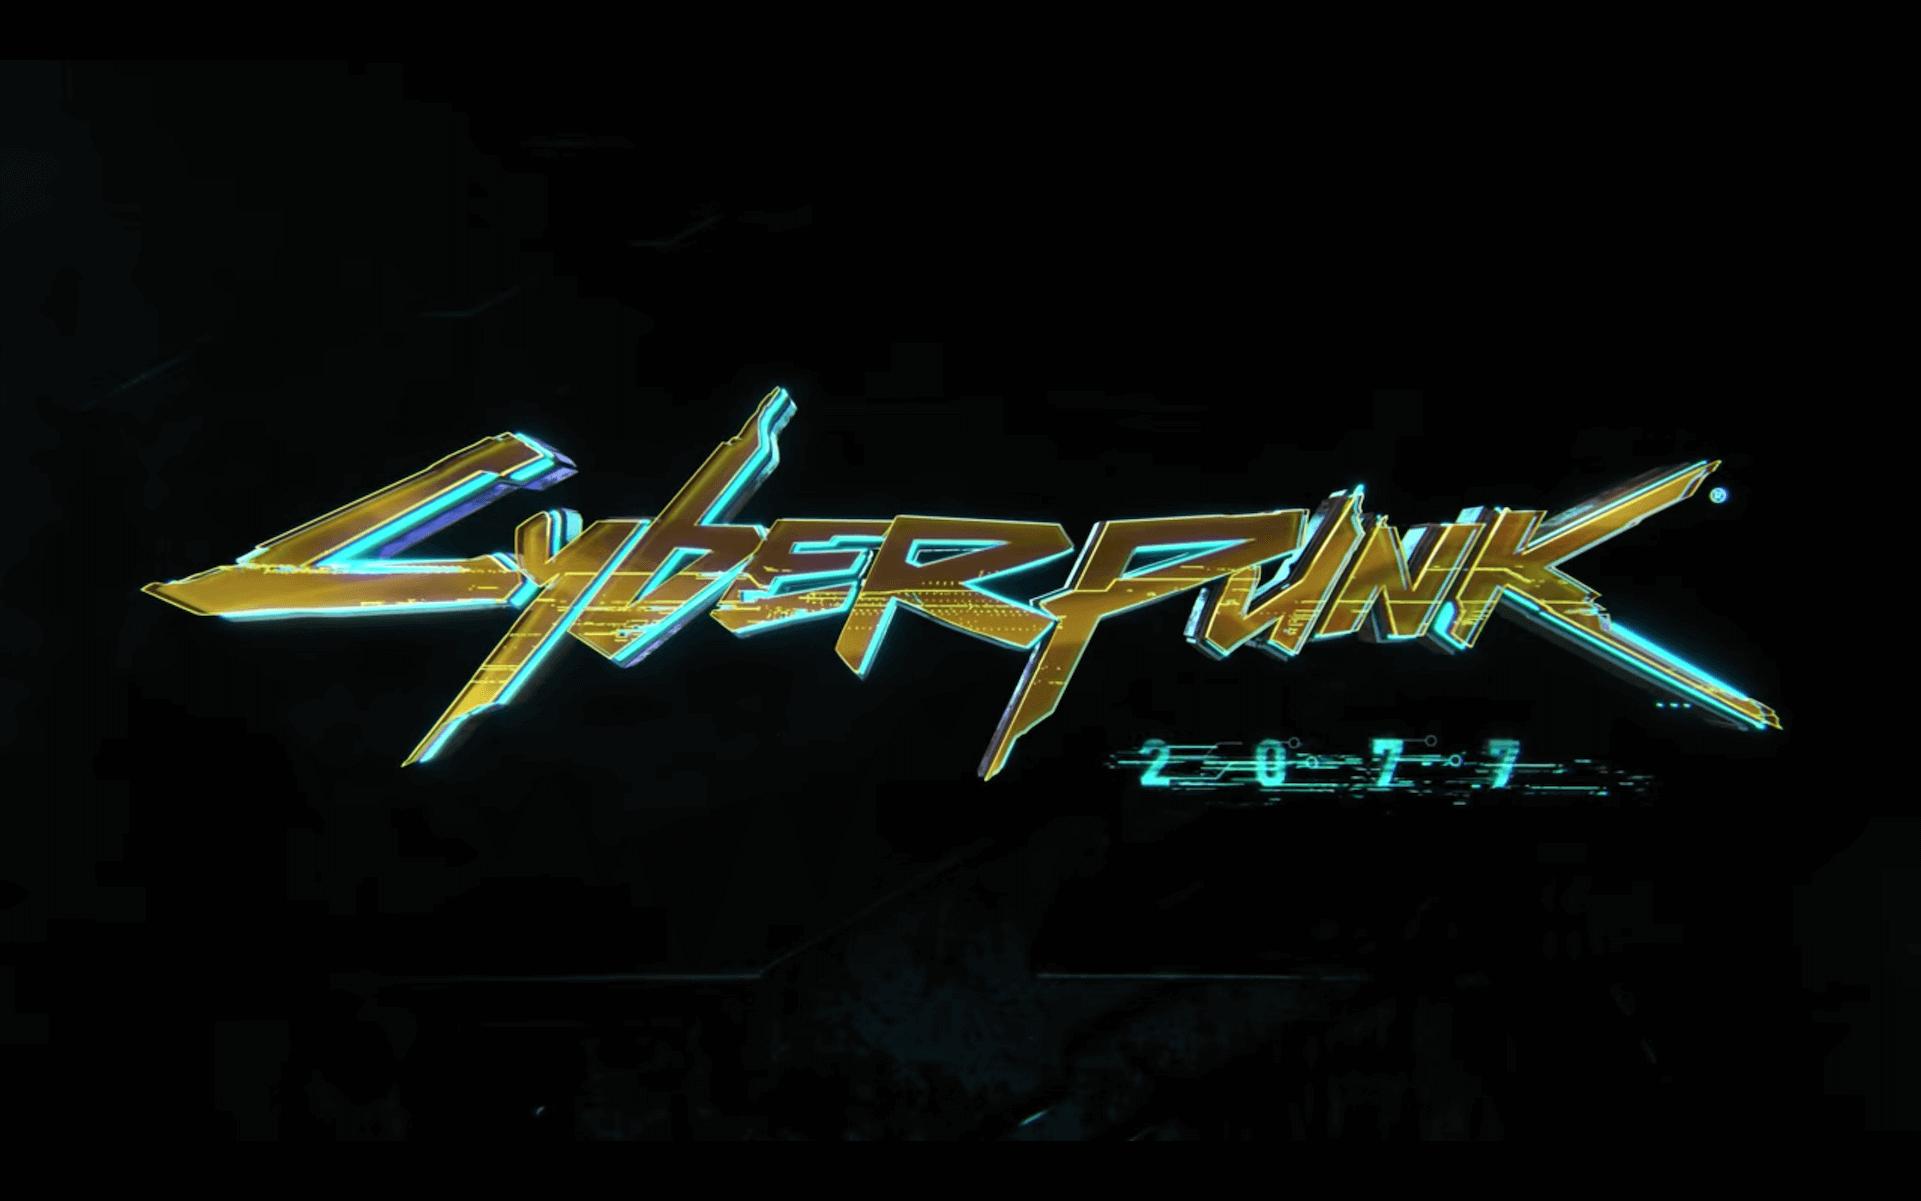 کتاب مصور Cyberpunk 2077 خرداد منتشر میشود